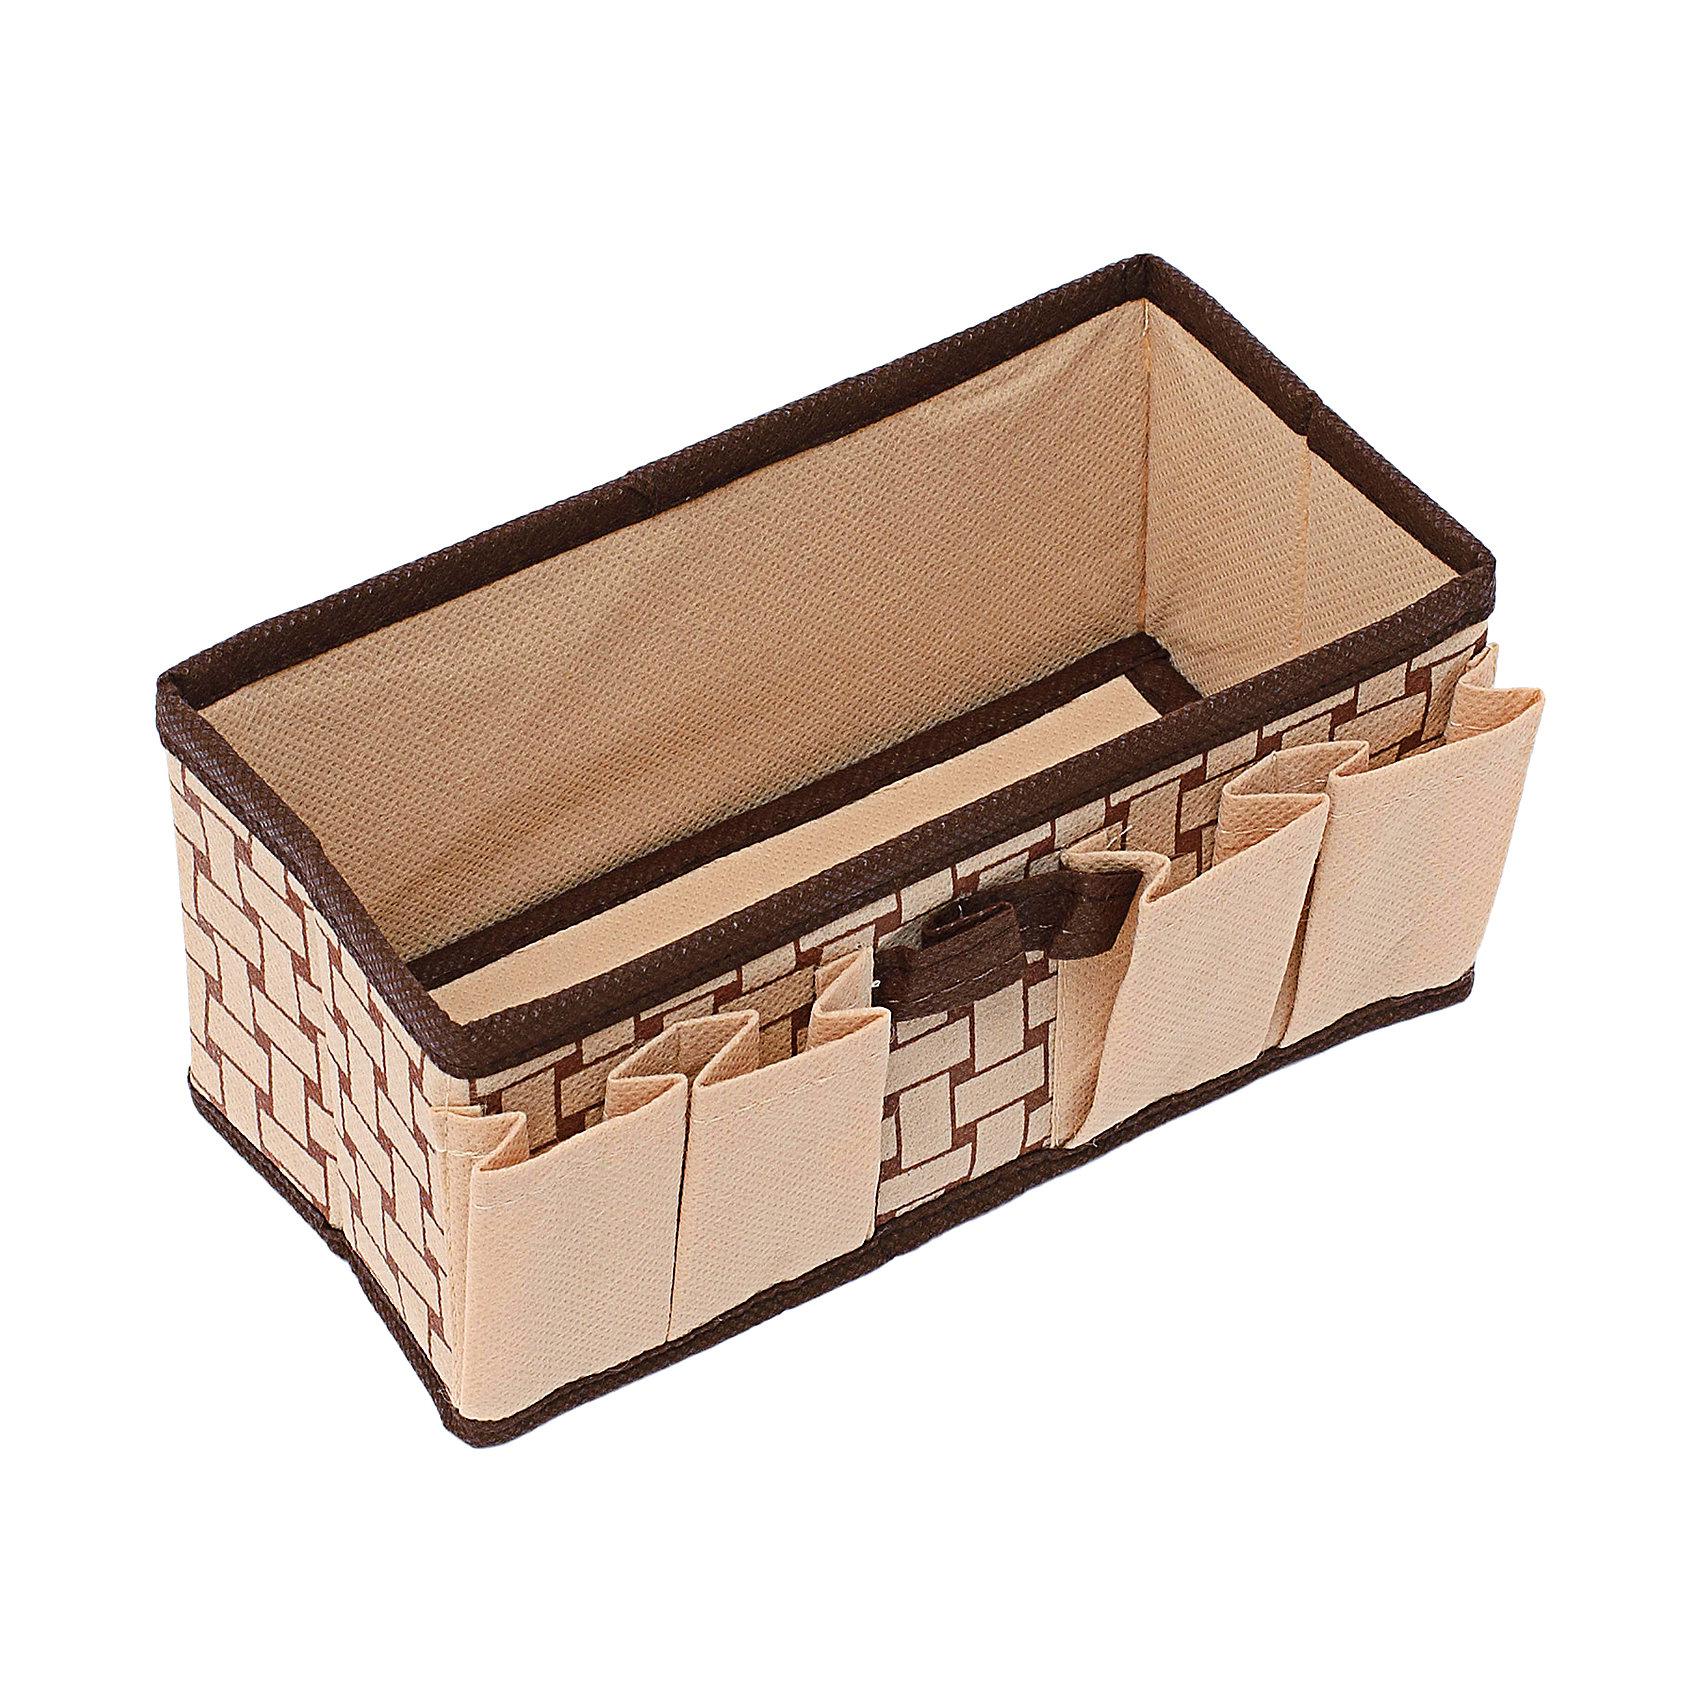 Органайзер для украшений и мелочей (20*10*10) Pletenka, HomsuПорядок в детской<br>Характеристики товара:<br><br>• цвет: бежевый<br>• материал: полиэстер, картон<br>• размер: 20х10х10 см<br>• вес: 100 г<br>• легкий прочный каркас<br>• обеспечивает естественную вентиляцию<br>• вместимость: 5 отделений<br>• страна бренда: Россия<br>• страна изготовитель: Китай<br><br>Органайзер для украшений и мелочей Pletenka от бренда Homsu (Хомсу) - очень удобная вещь для хранения вещей и эргономичной организации пространства.<br><br>Предмет легкий, устойчивый, вместительный, обеспечивает естественную вентиляцию.<br><br>Органайзер для украшений и мелочей (20*10*10) Pletenka, Homsu можно купить в нашем интернет-магазине.<br><br>Ширина мм: 200<br>Глубина мм: 100<br>Высота мм: 20<br>Вес г: 100<br>Возраст от месяцев: 216<br>Возраст до месяцев: 1188<br>Пол: Унисекс<br>Возраст: Детский<br>SKU: 5620152